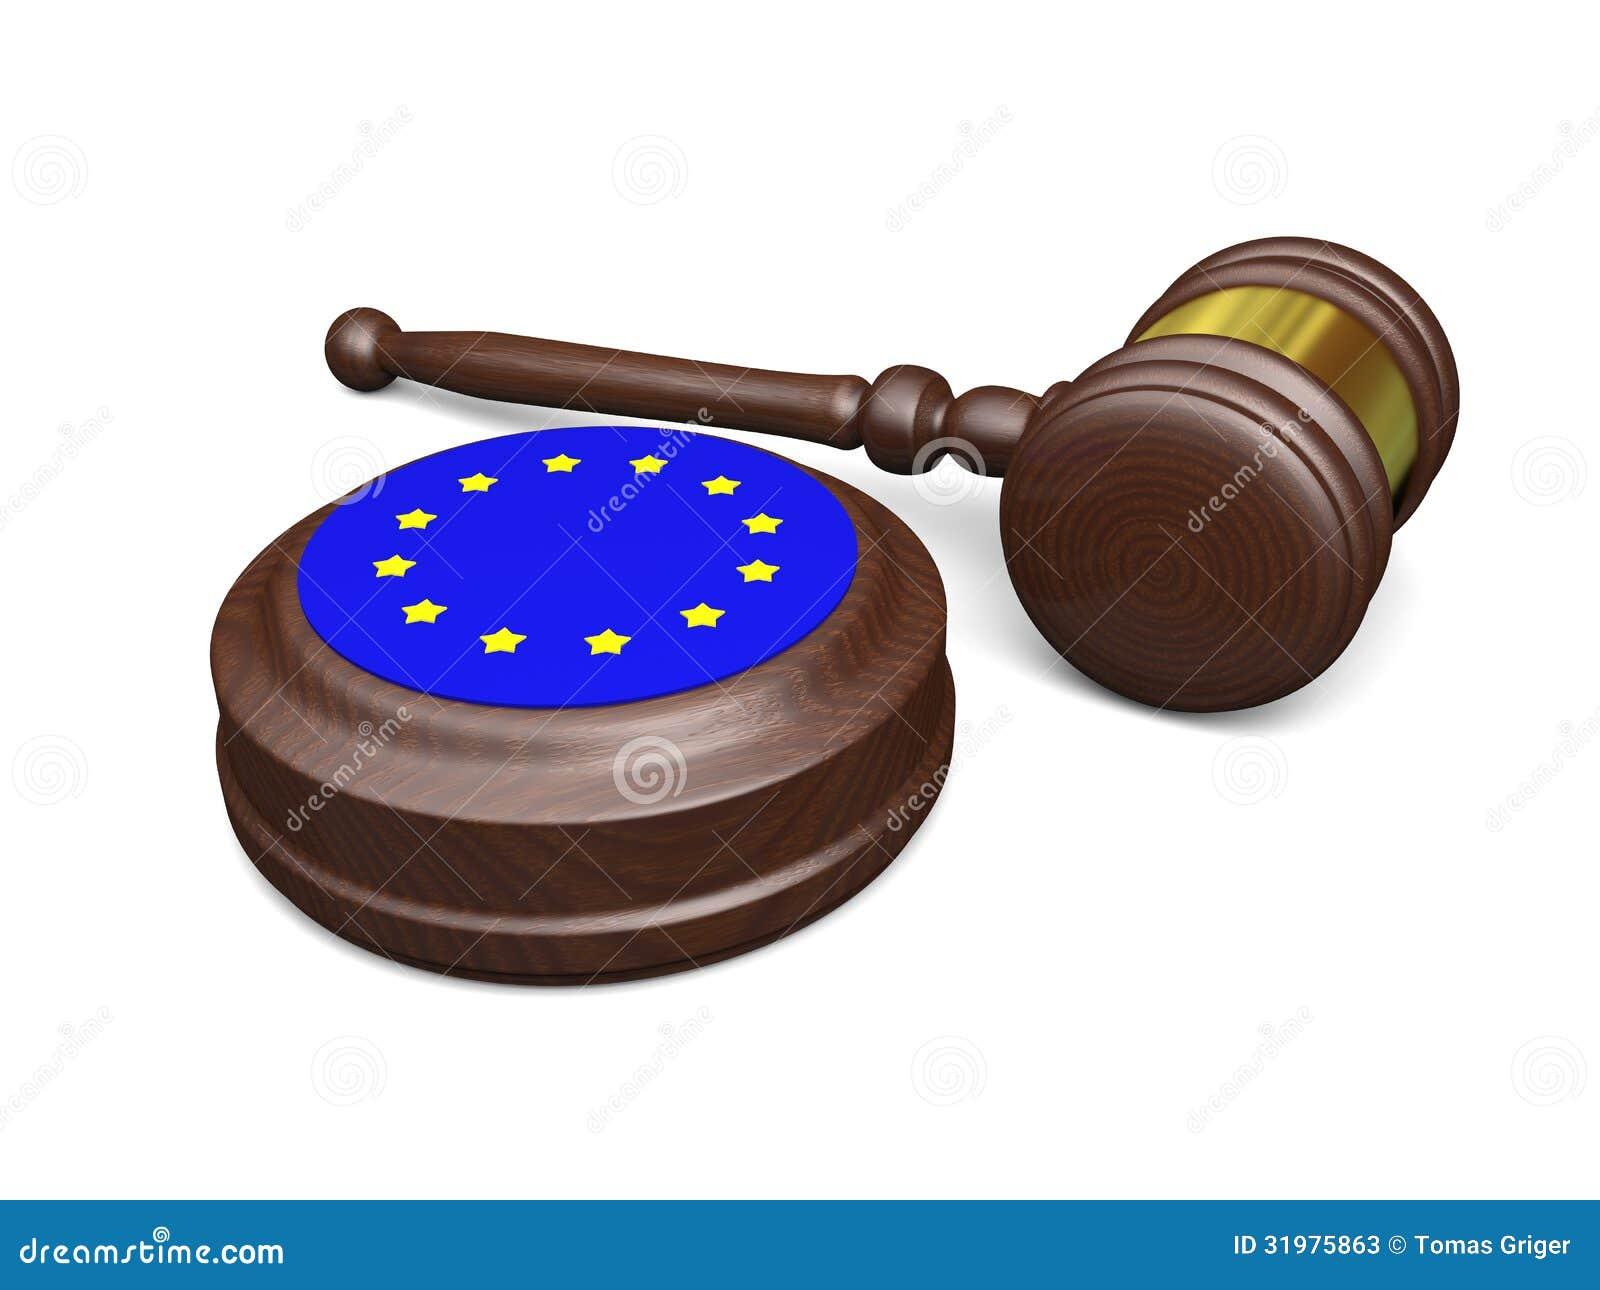 eu law Study llm in european law at the university of edinburgh.